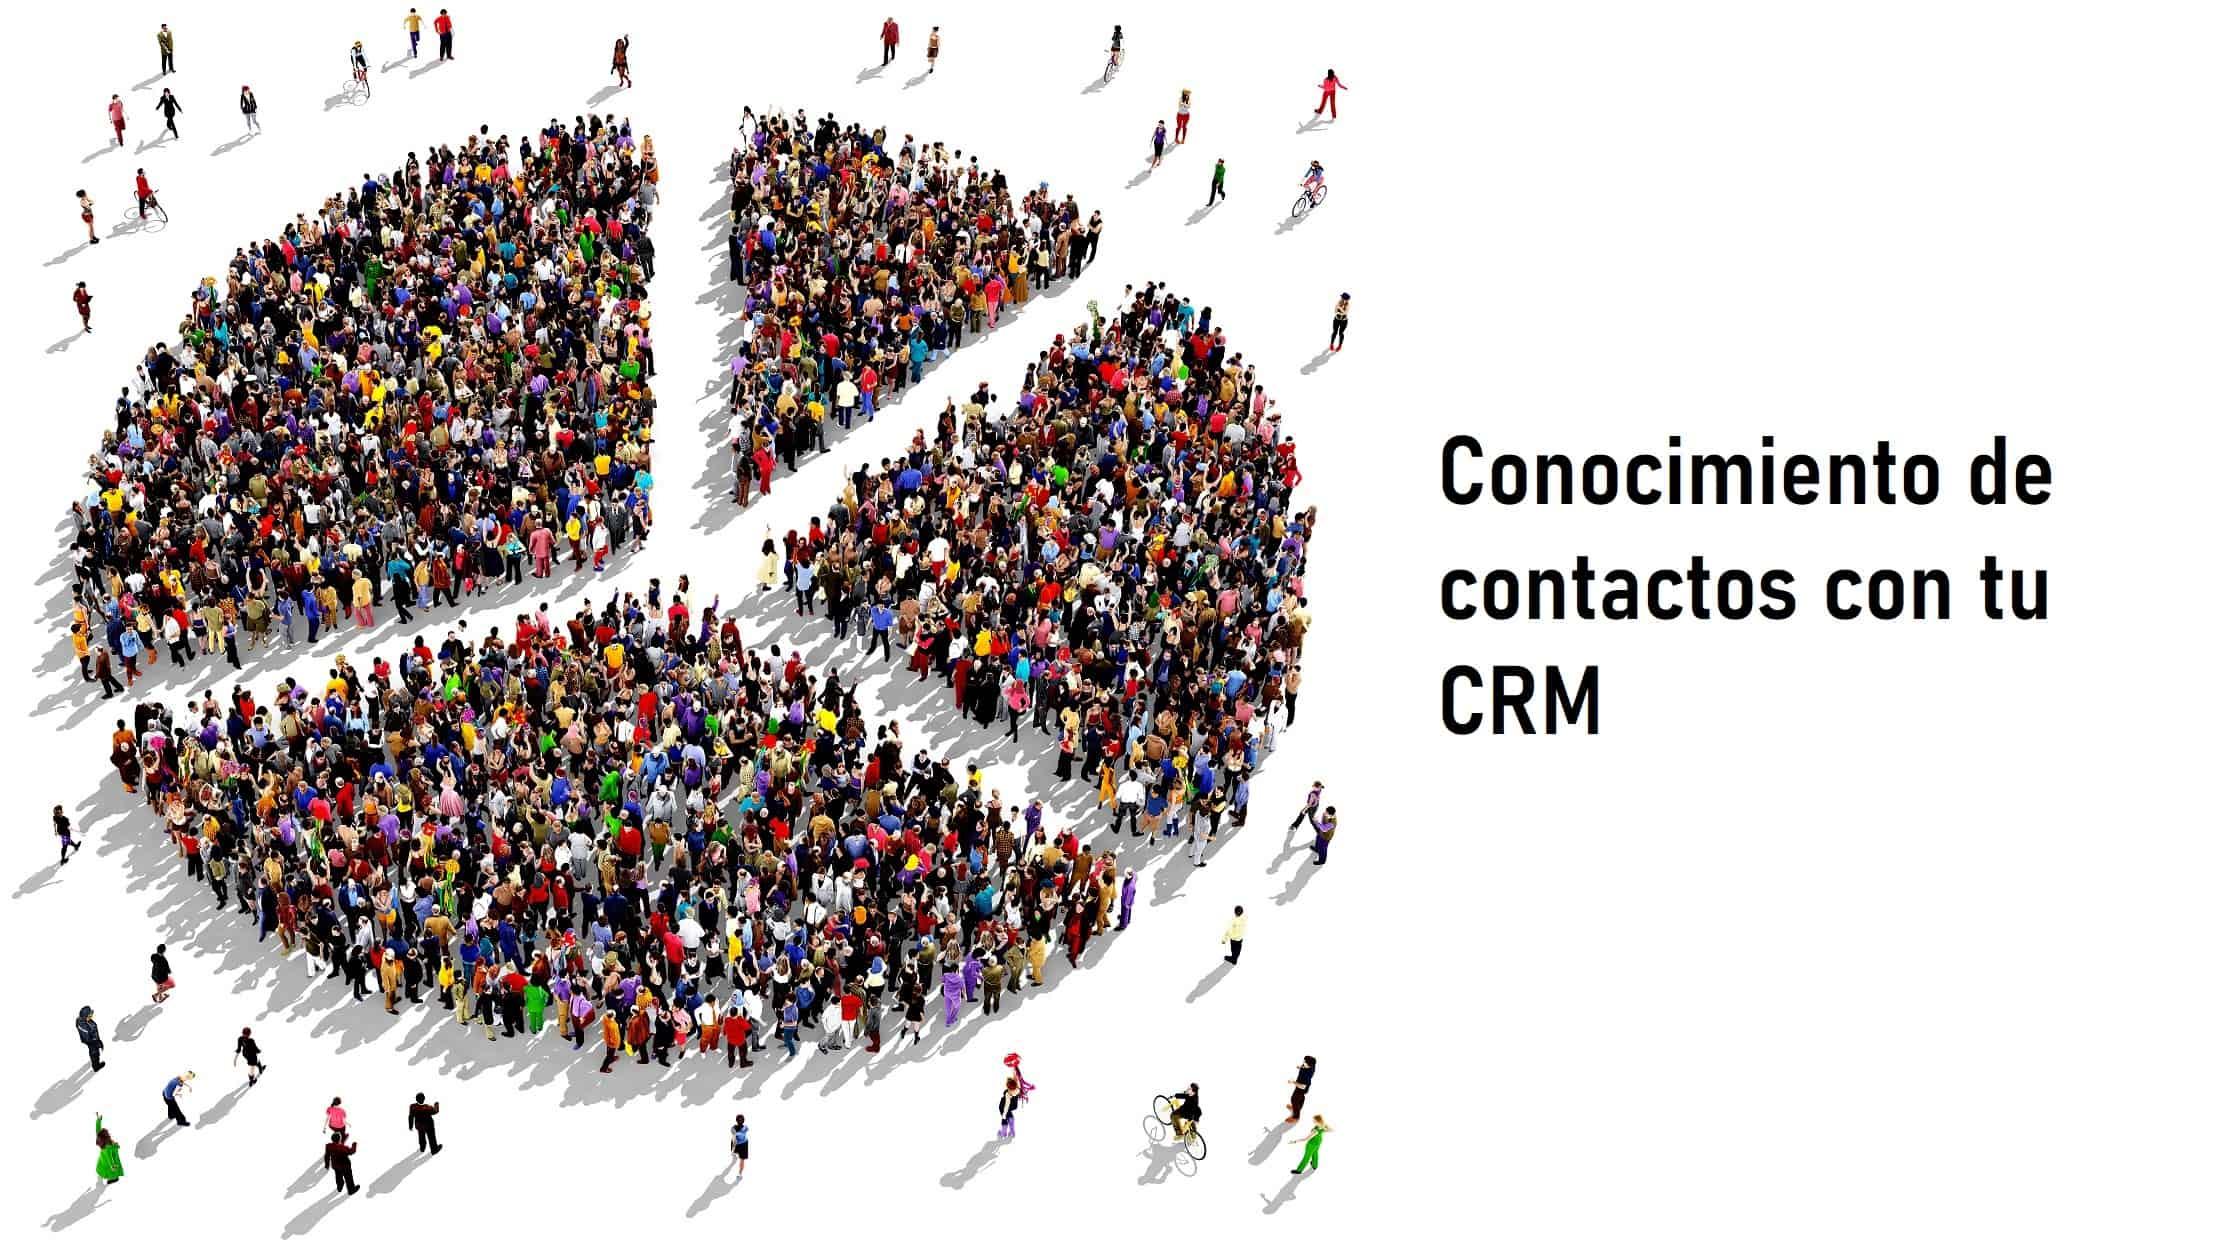 Conocimiento contactos CRM